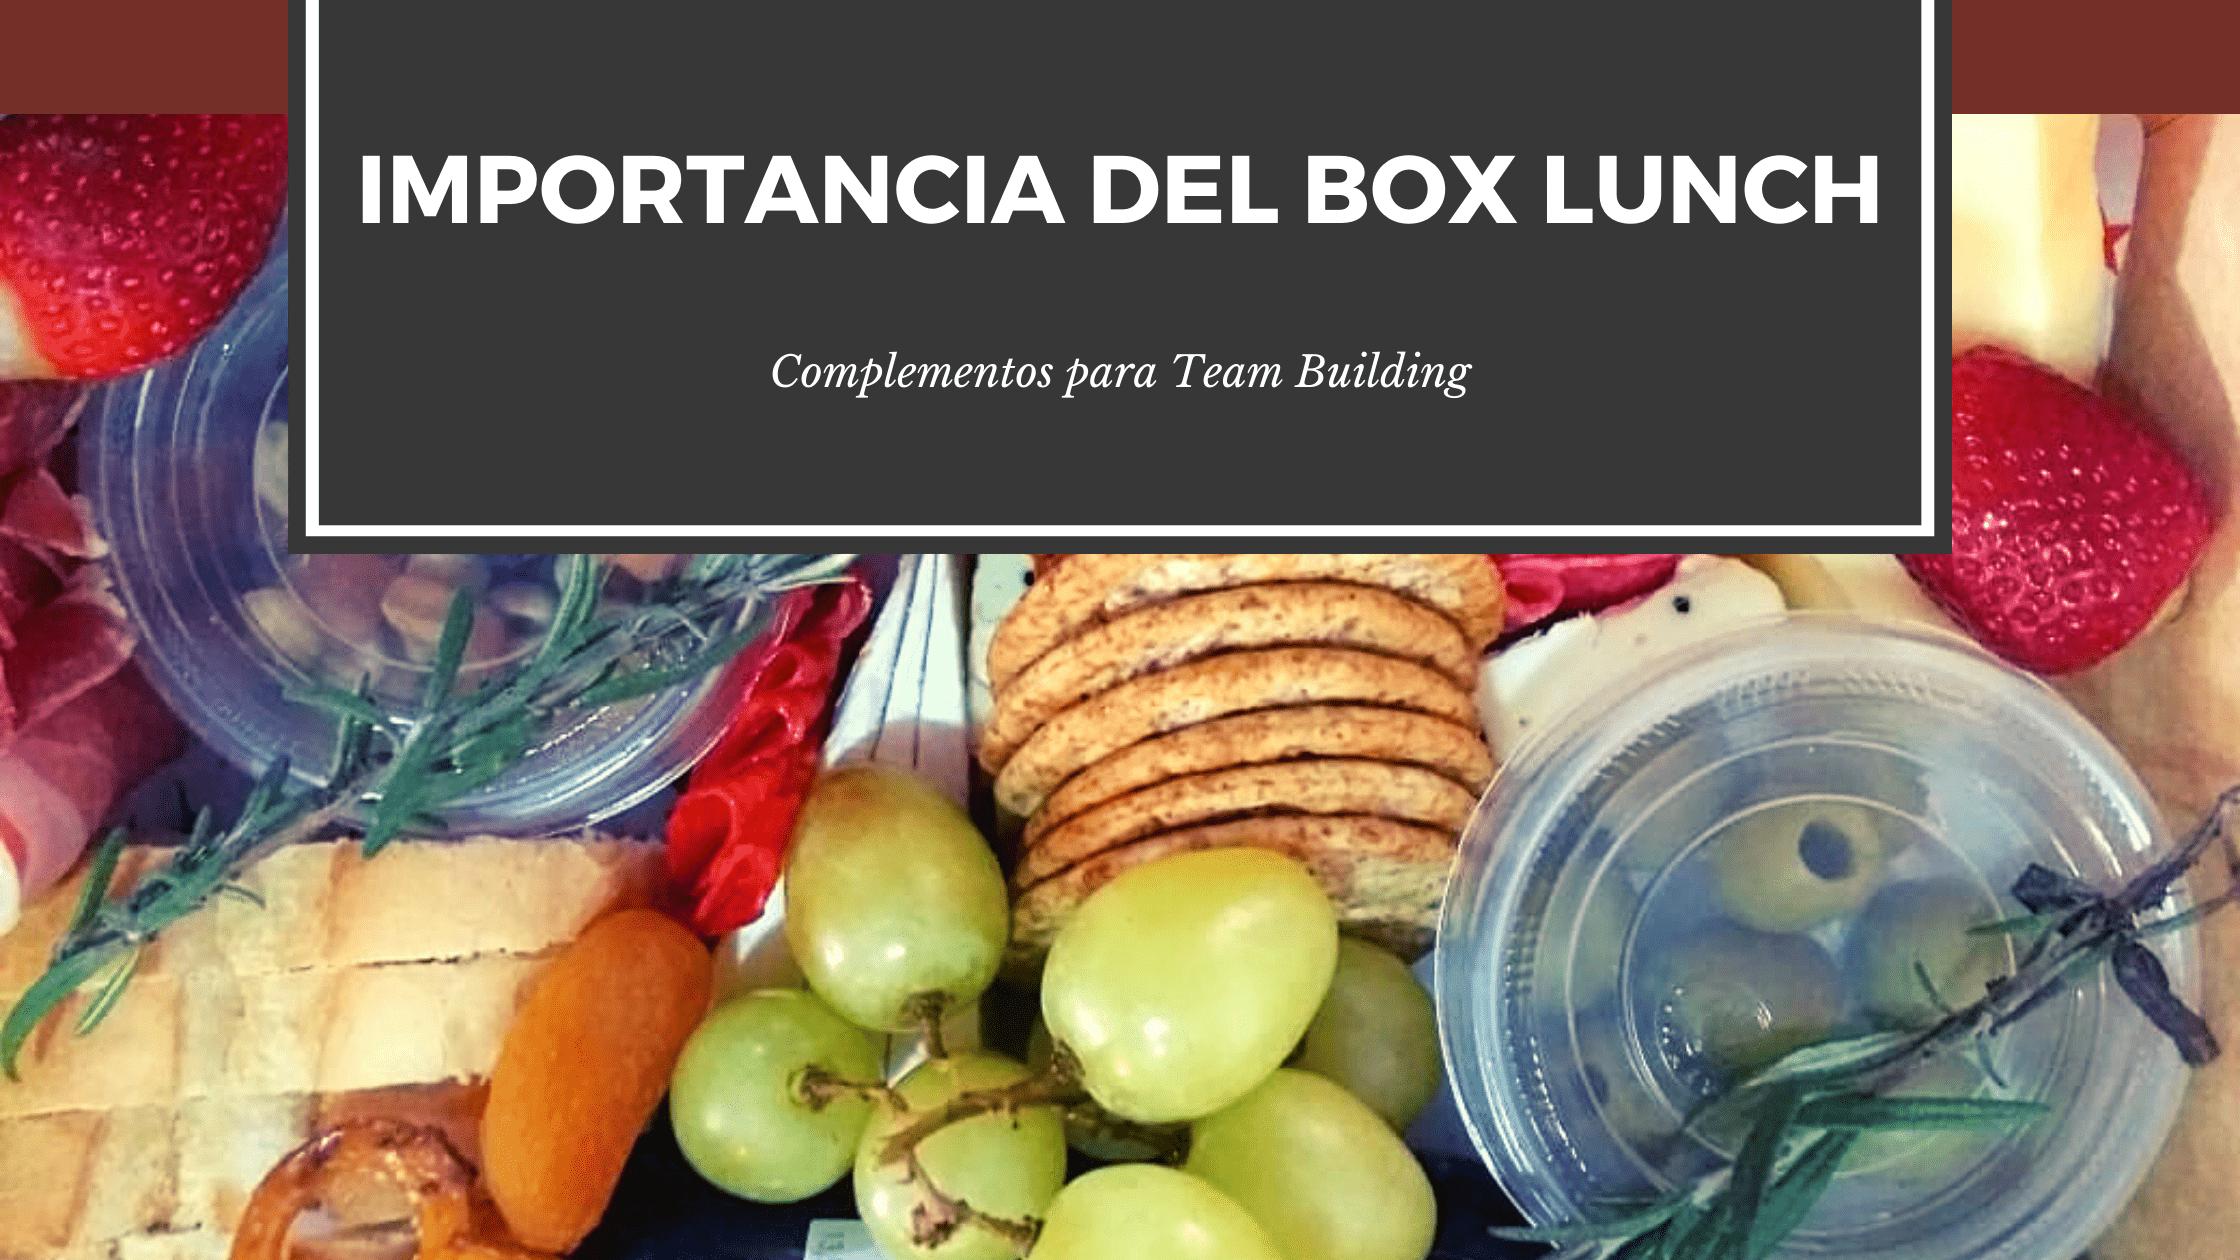 Importancia del Box Lunch